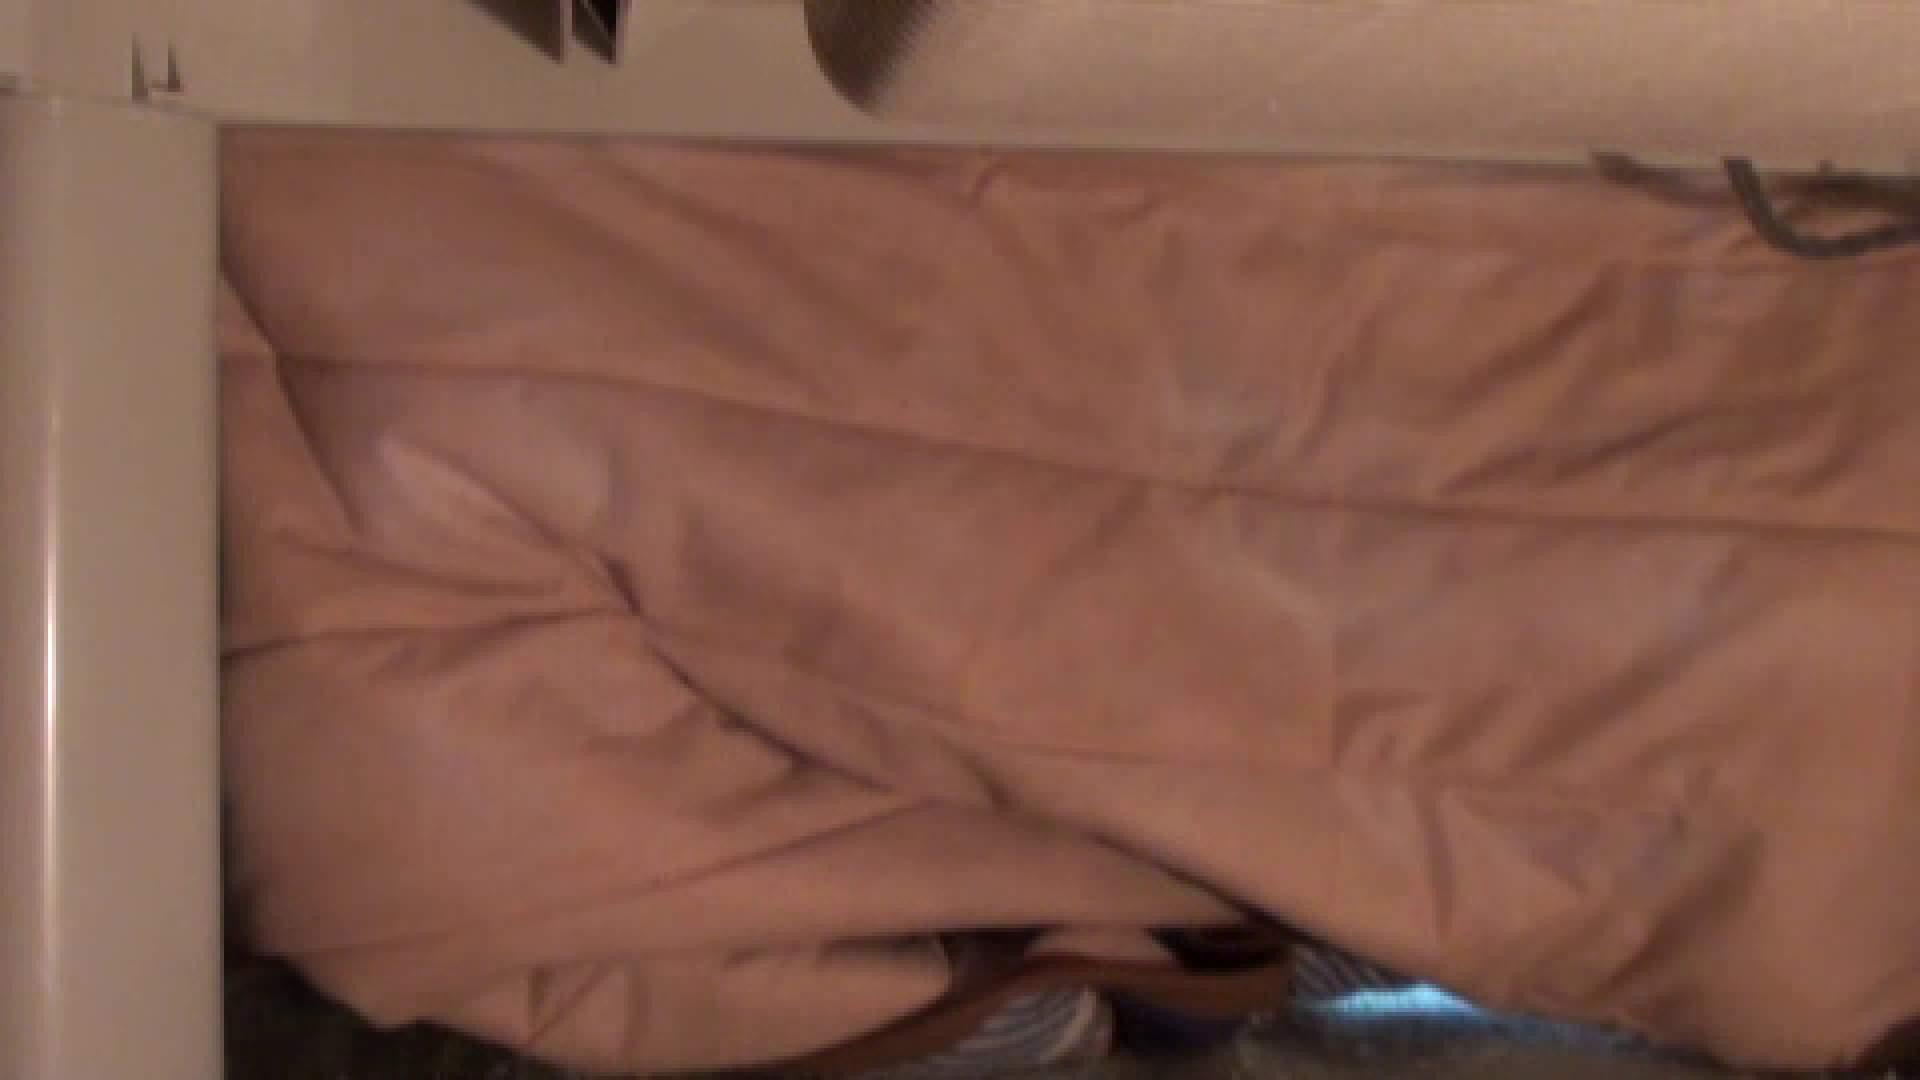 吹奏楽部。部室のコタツの中へ vol.09 制服 のぞき動画画像 11pic 11